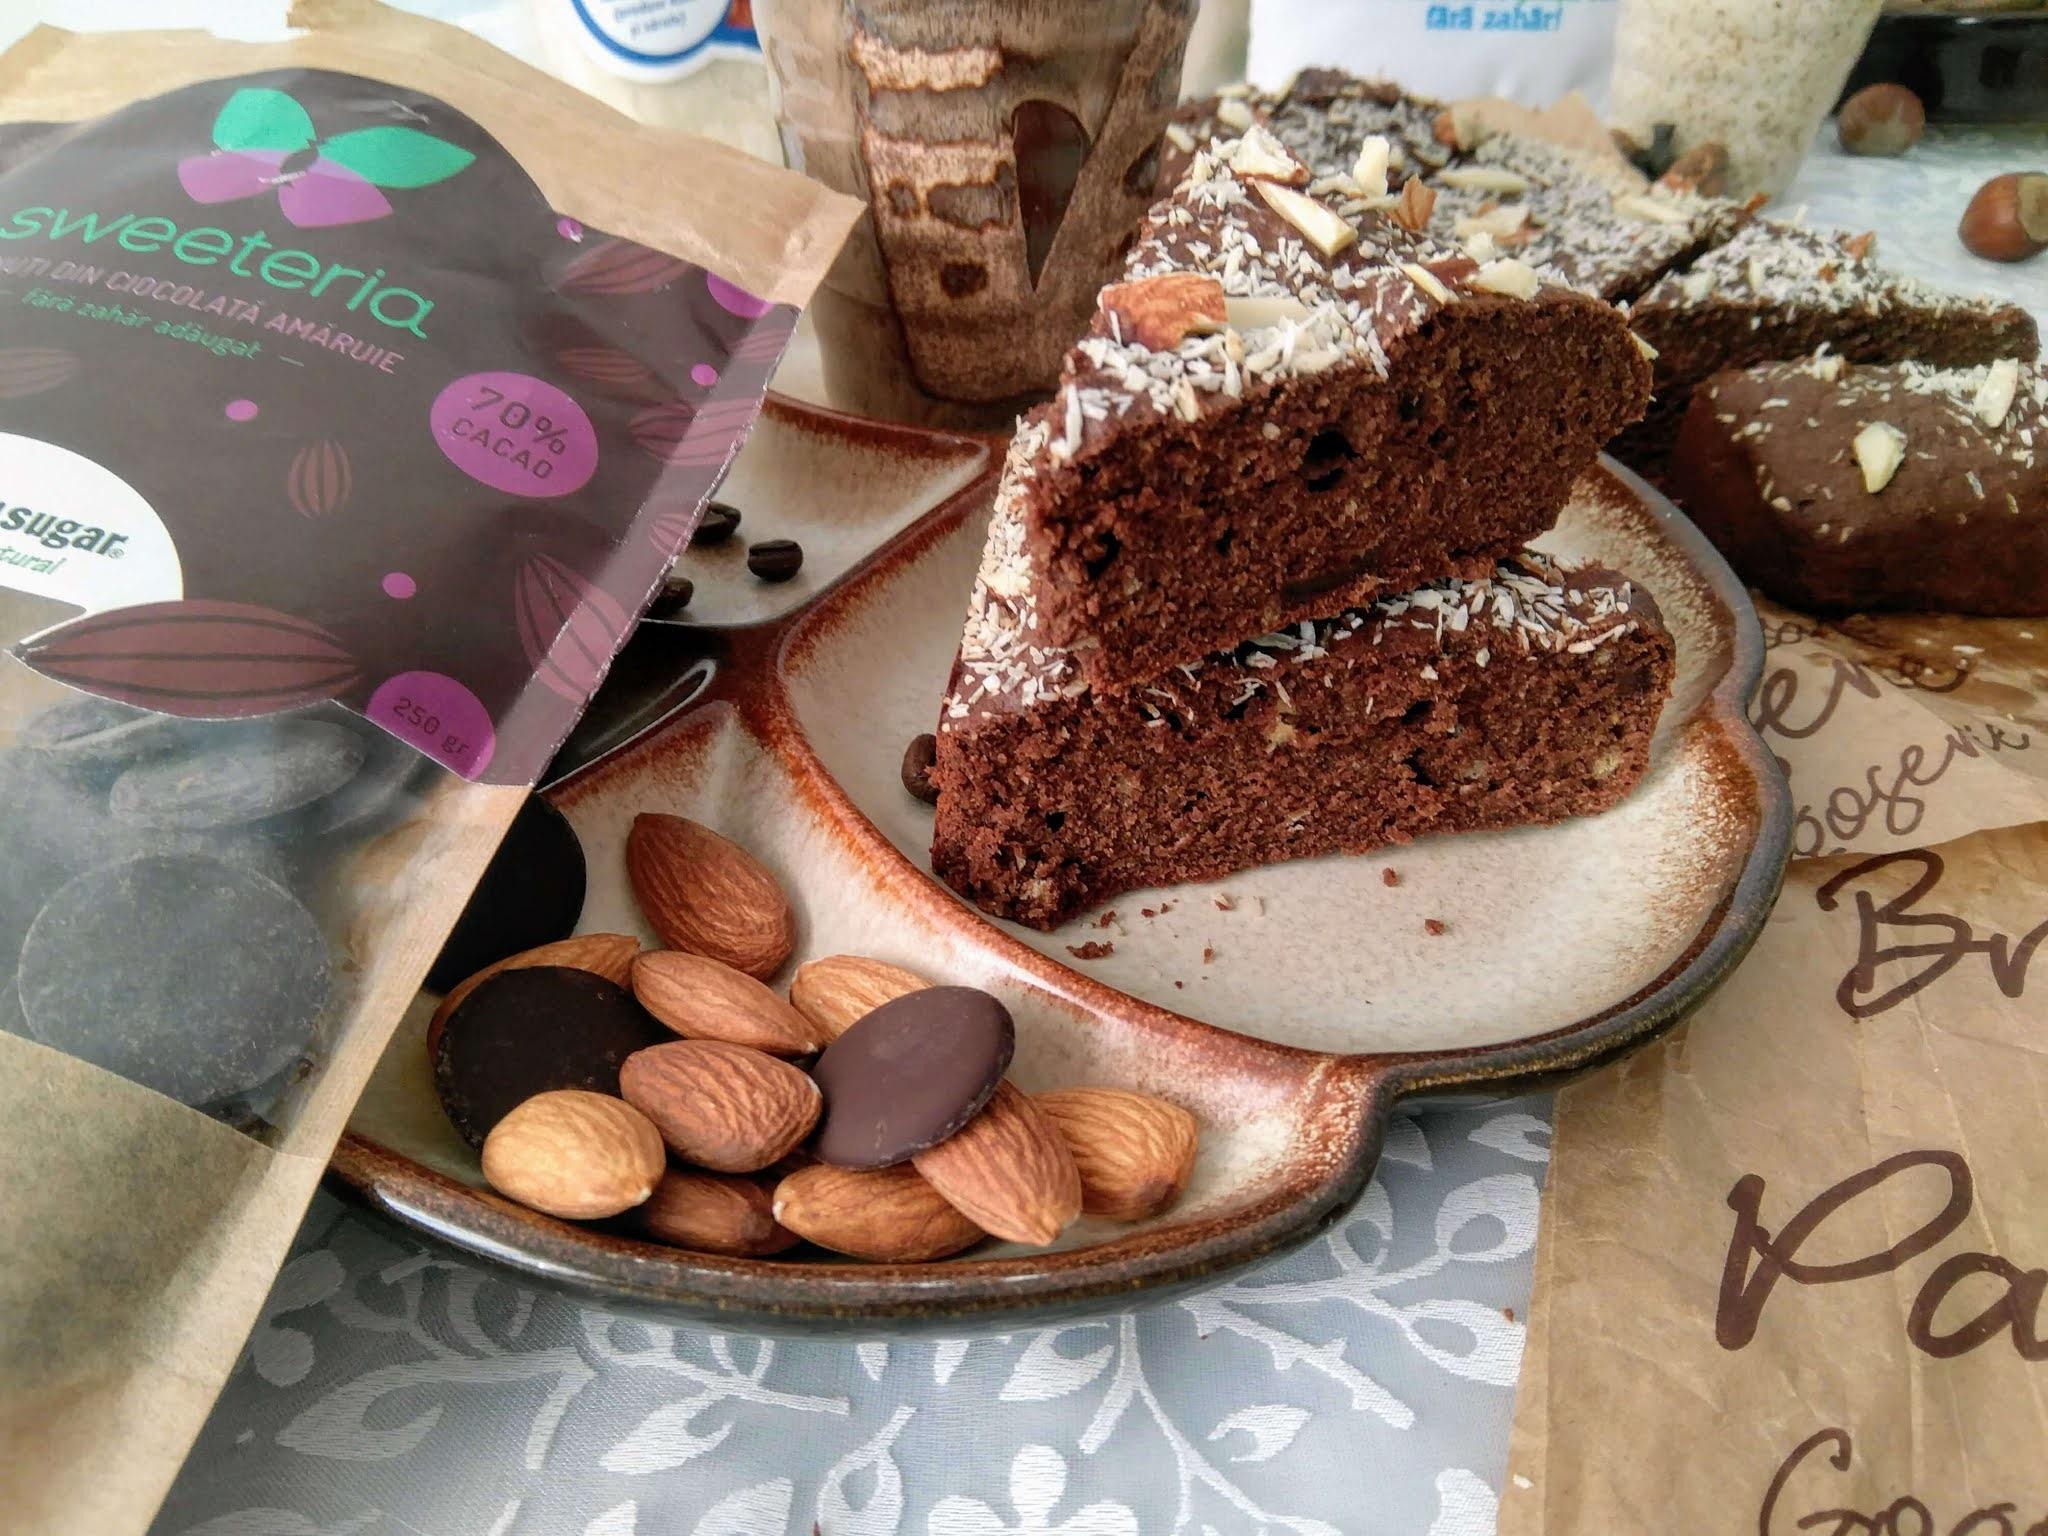 Banuti de ciocolata fara zahar Sweeteria